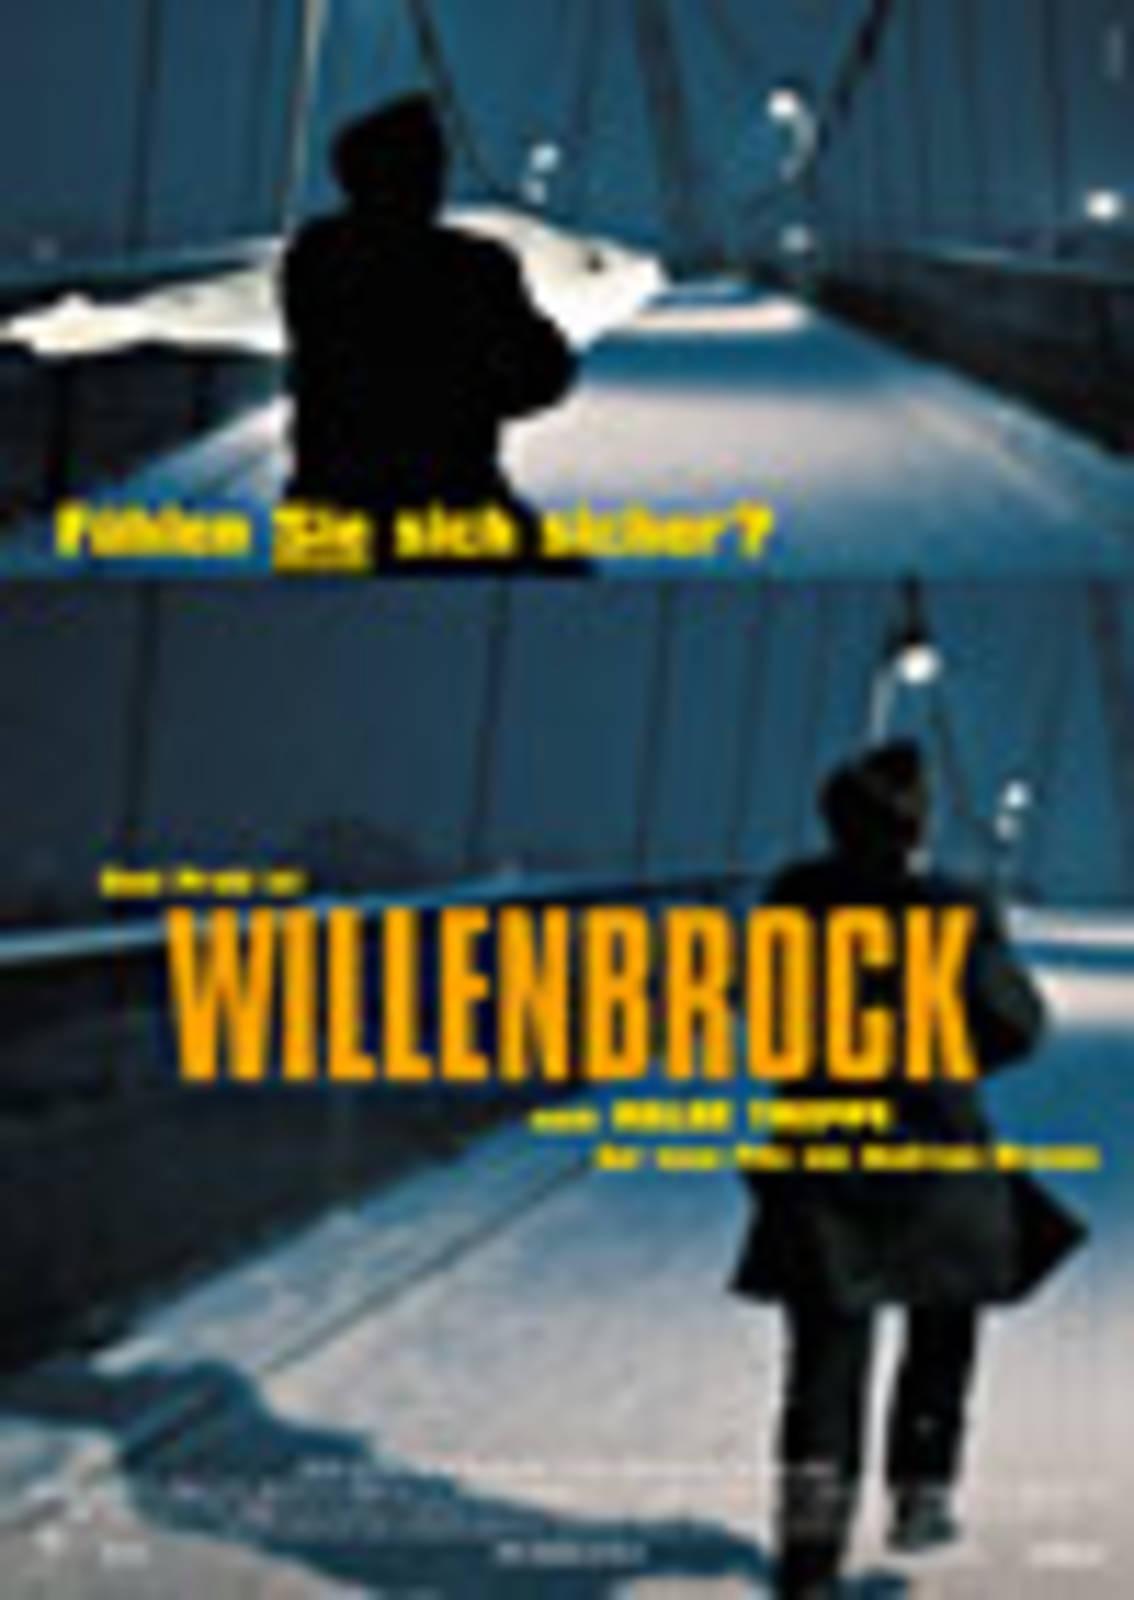 Willenbrock Film